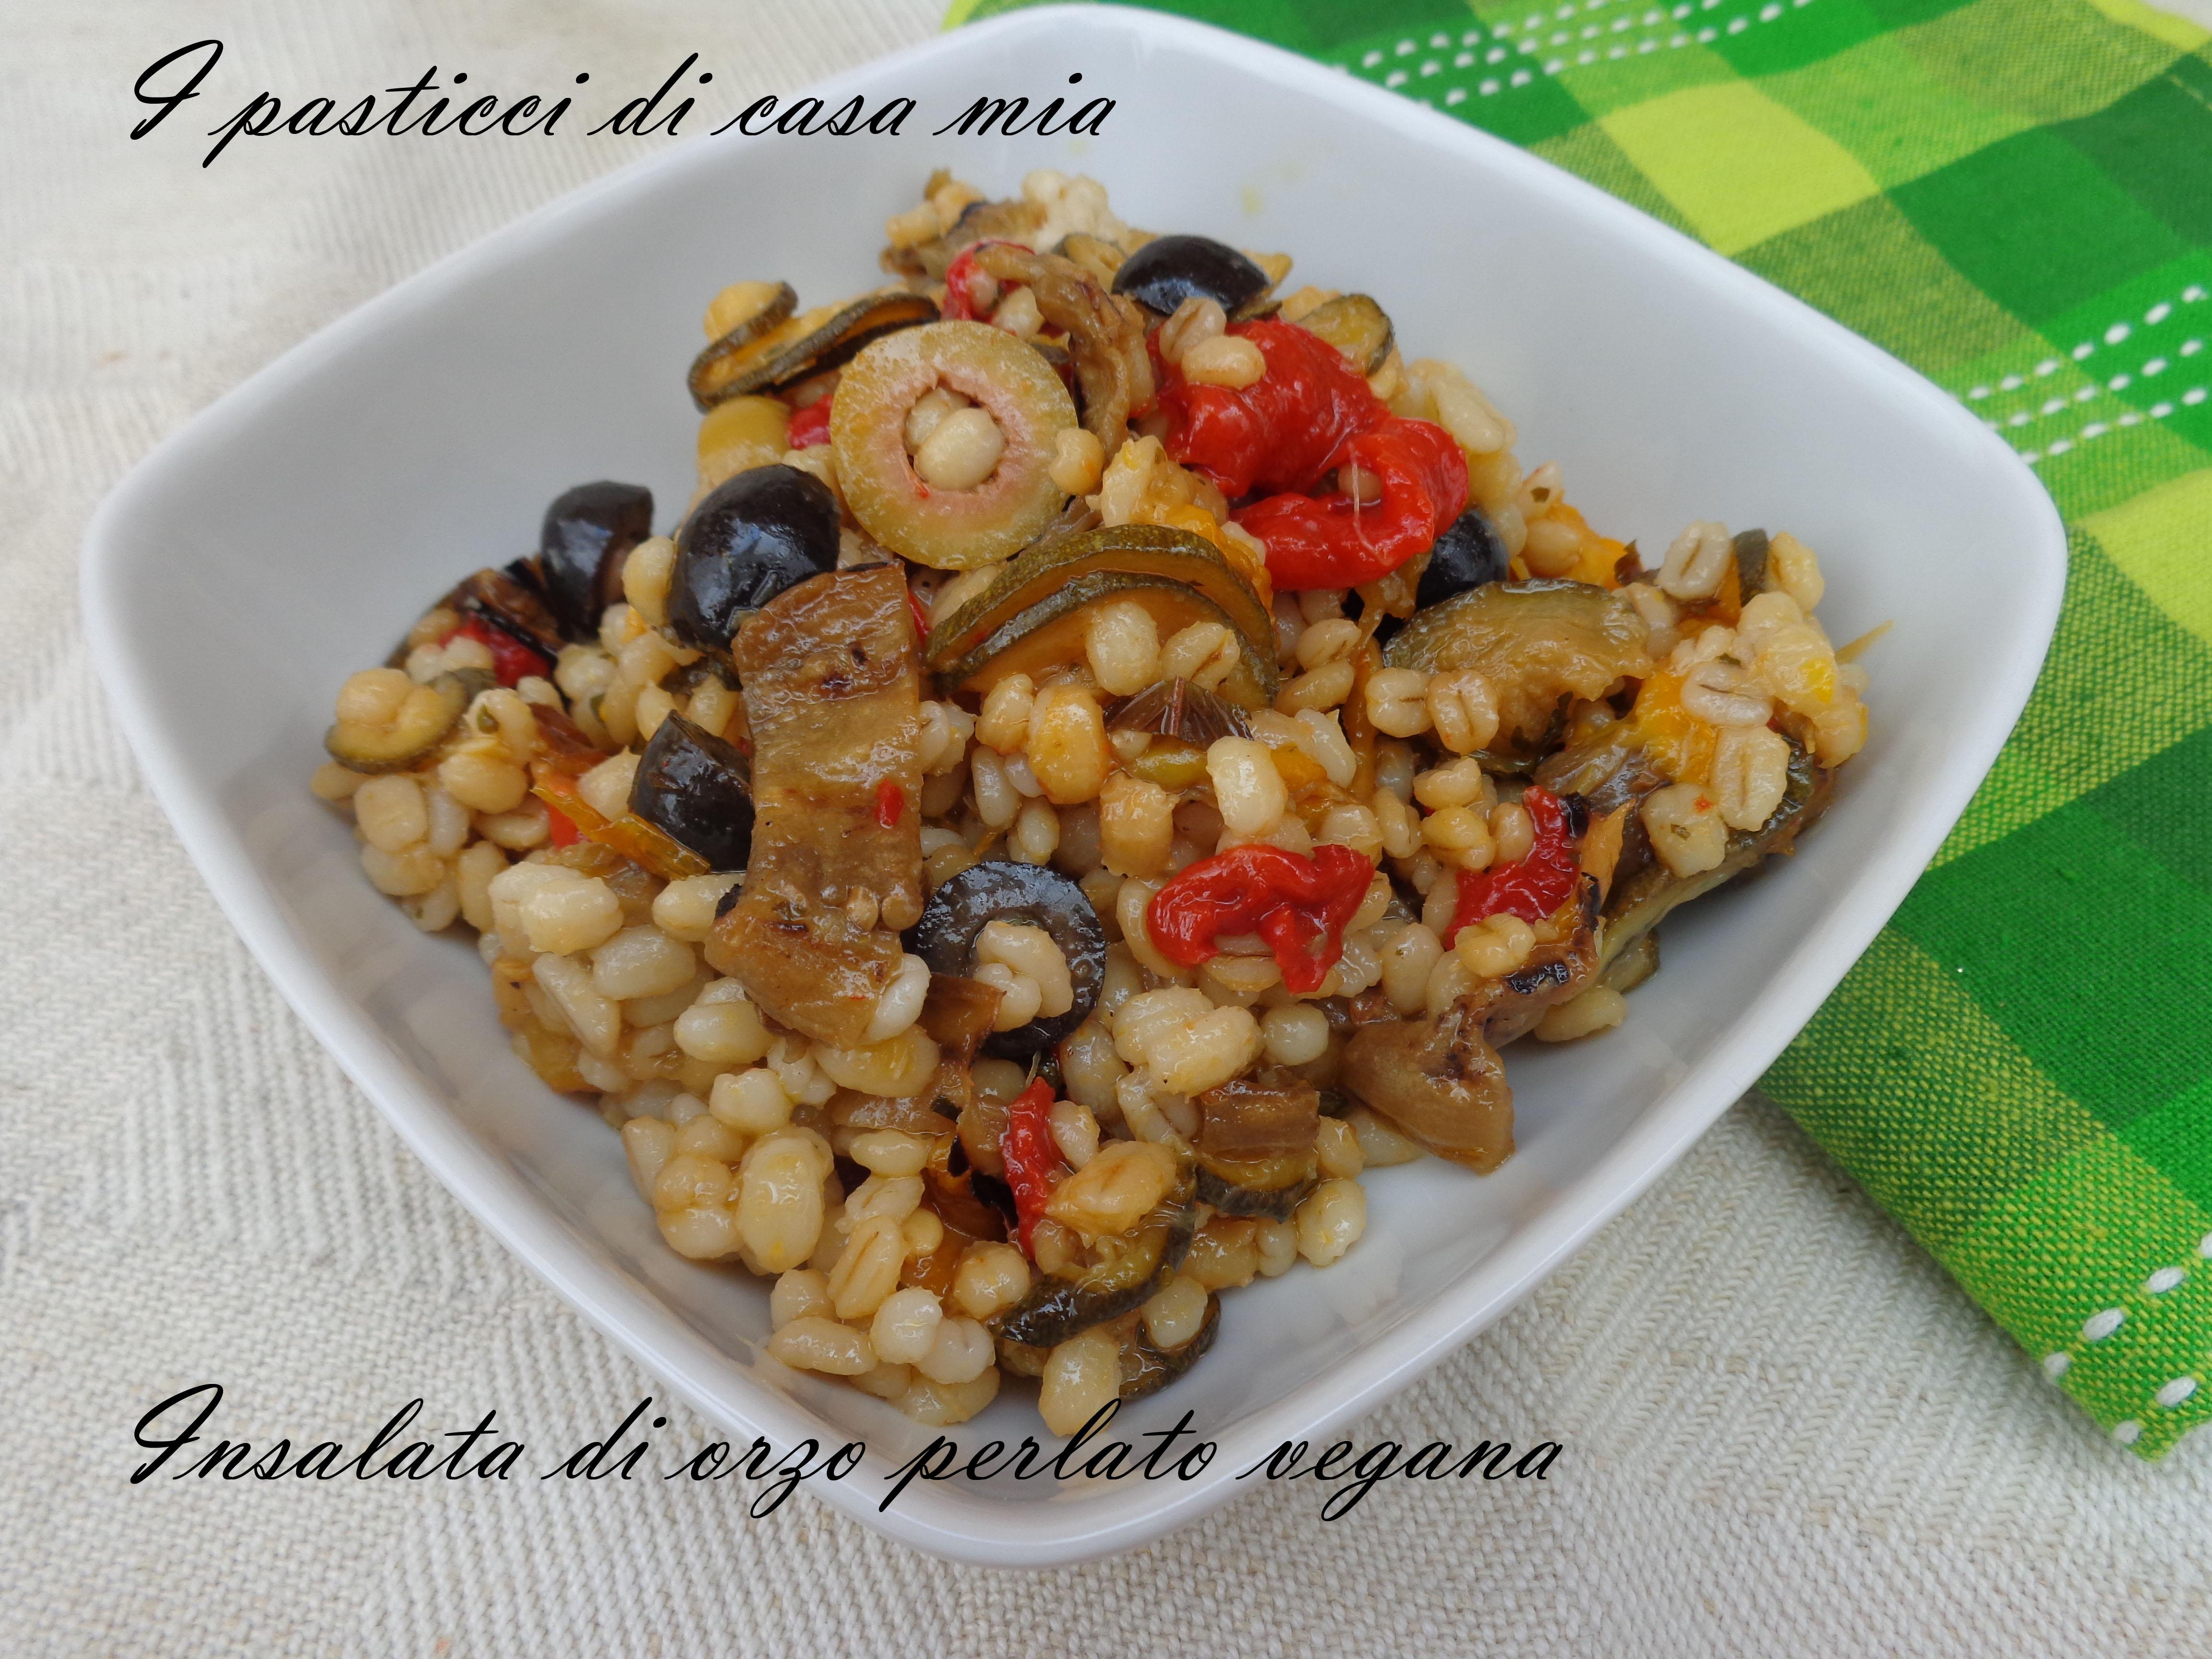 Ricette Orzo Vegetariano.Insalata Di Orzo Perlato Vegana I Pasticci Di Casa Mia